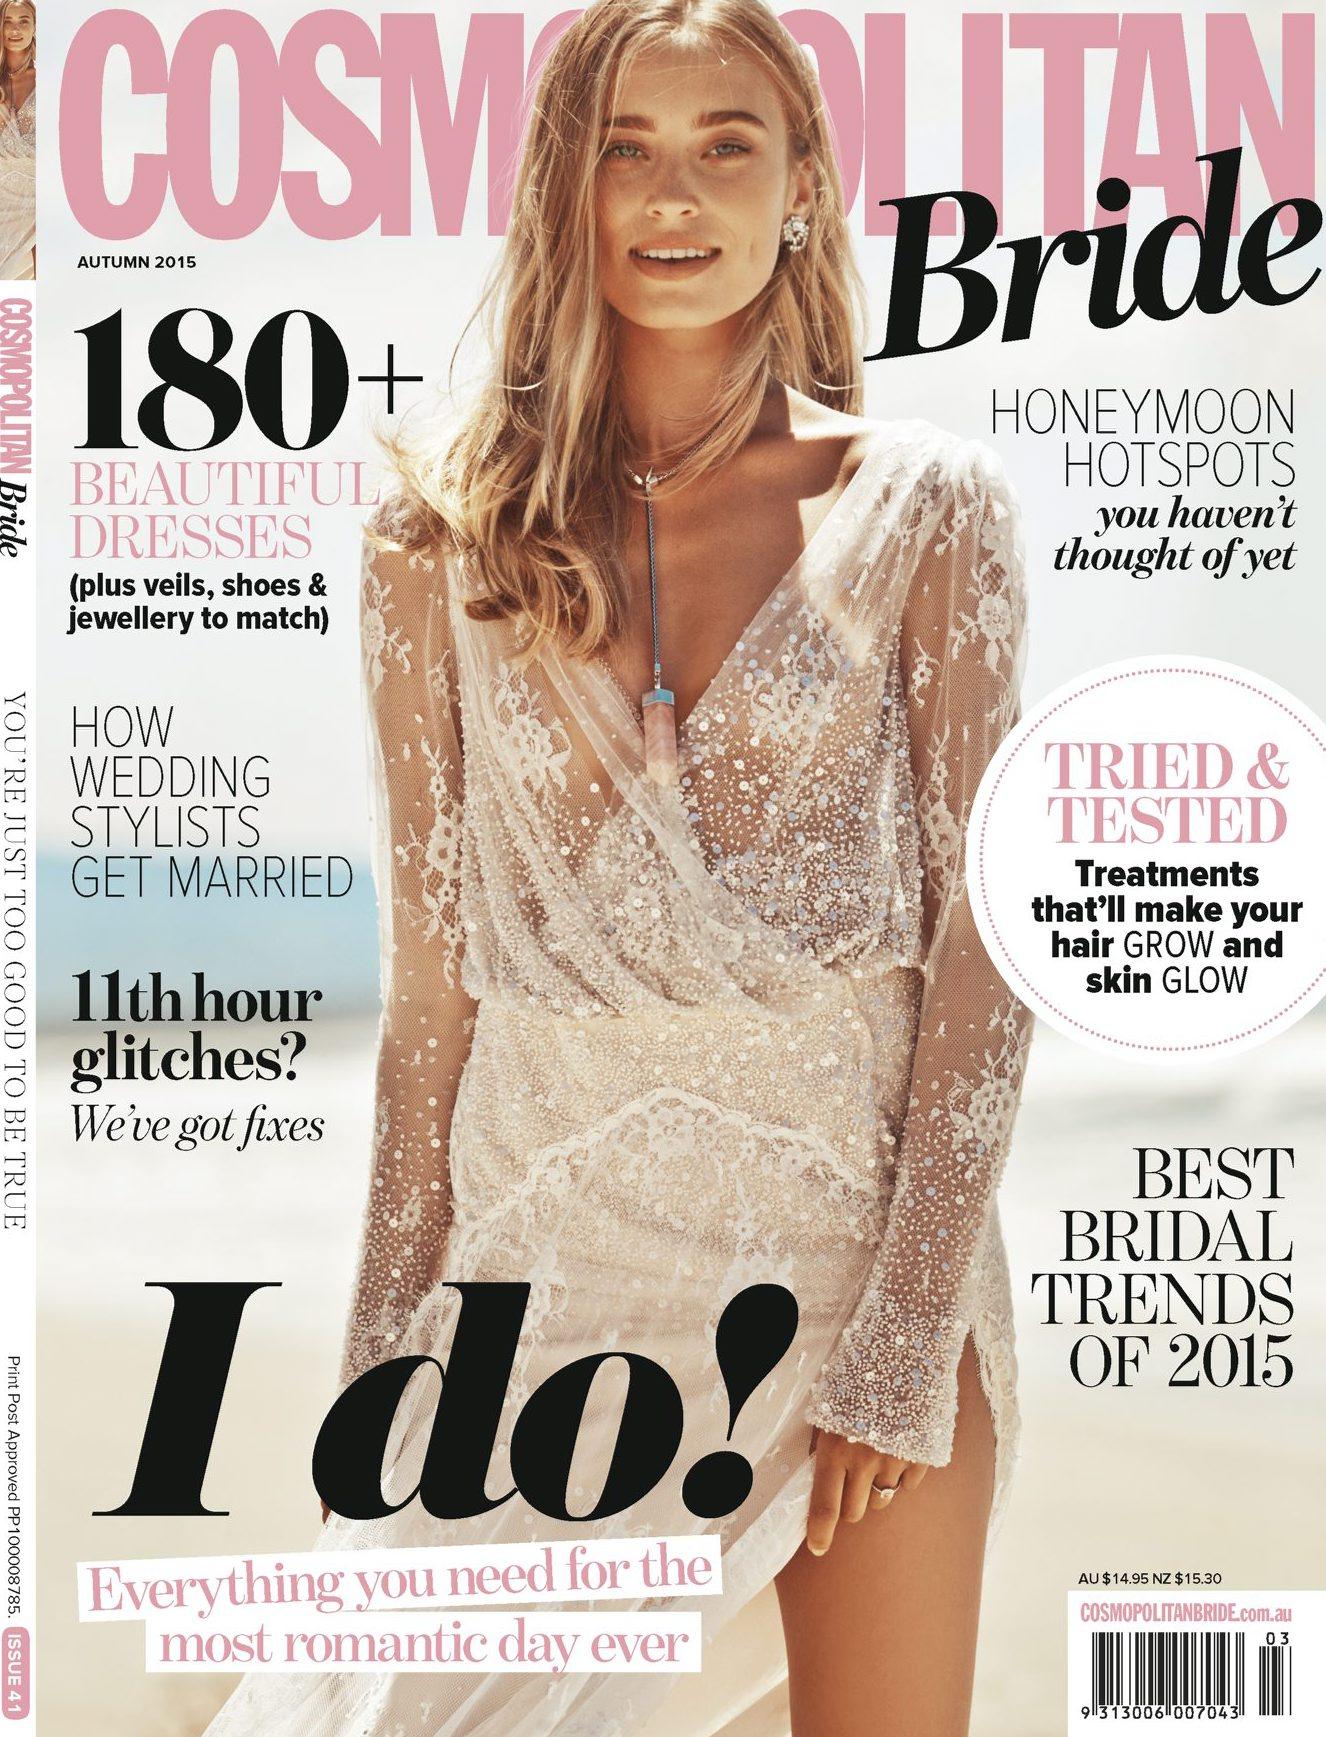 Cosmo Bride Autum 2015 cover.jpeg